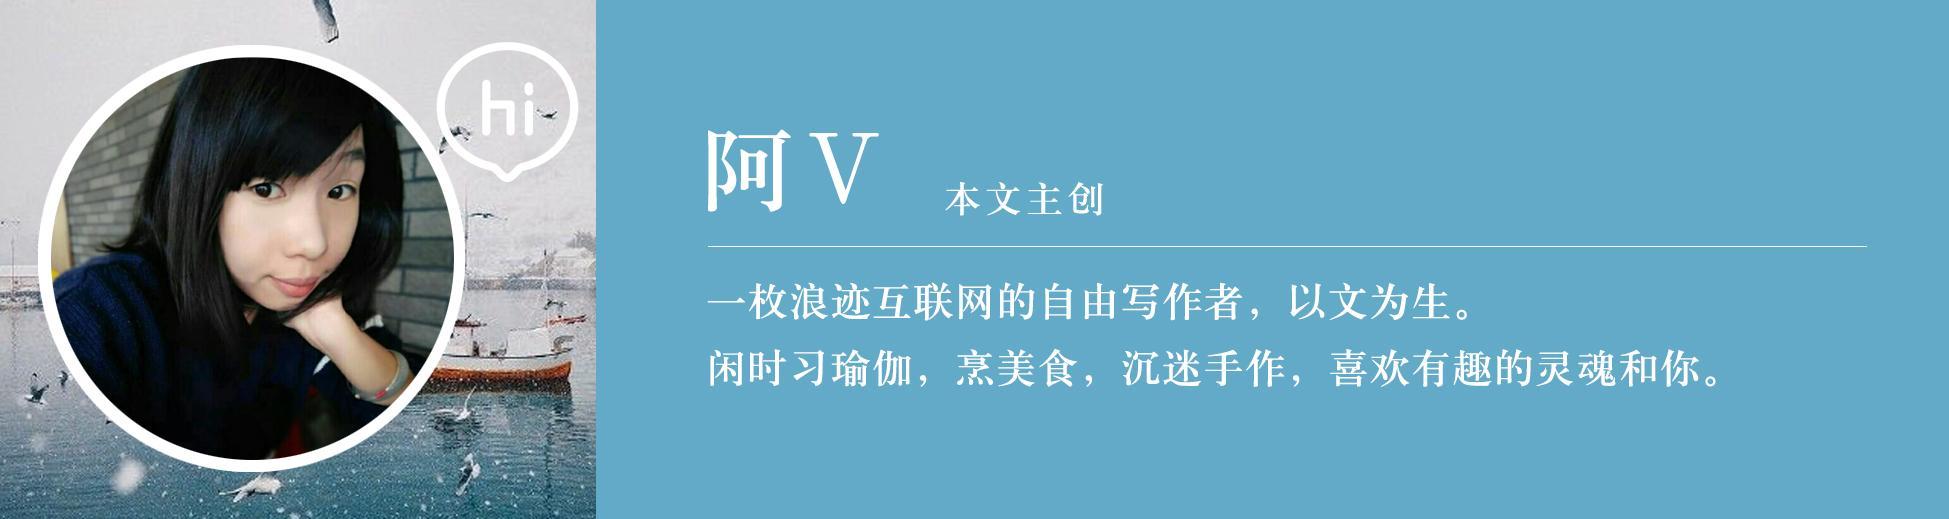 北活态度丨是生活,还是生存?日本快乐哲学ikigai告诉你正解 ...